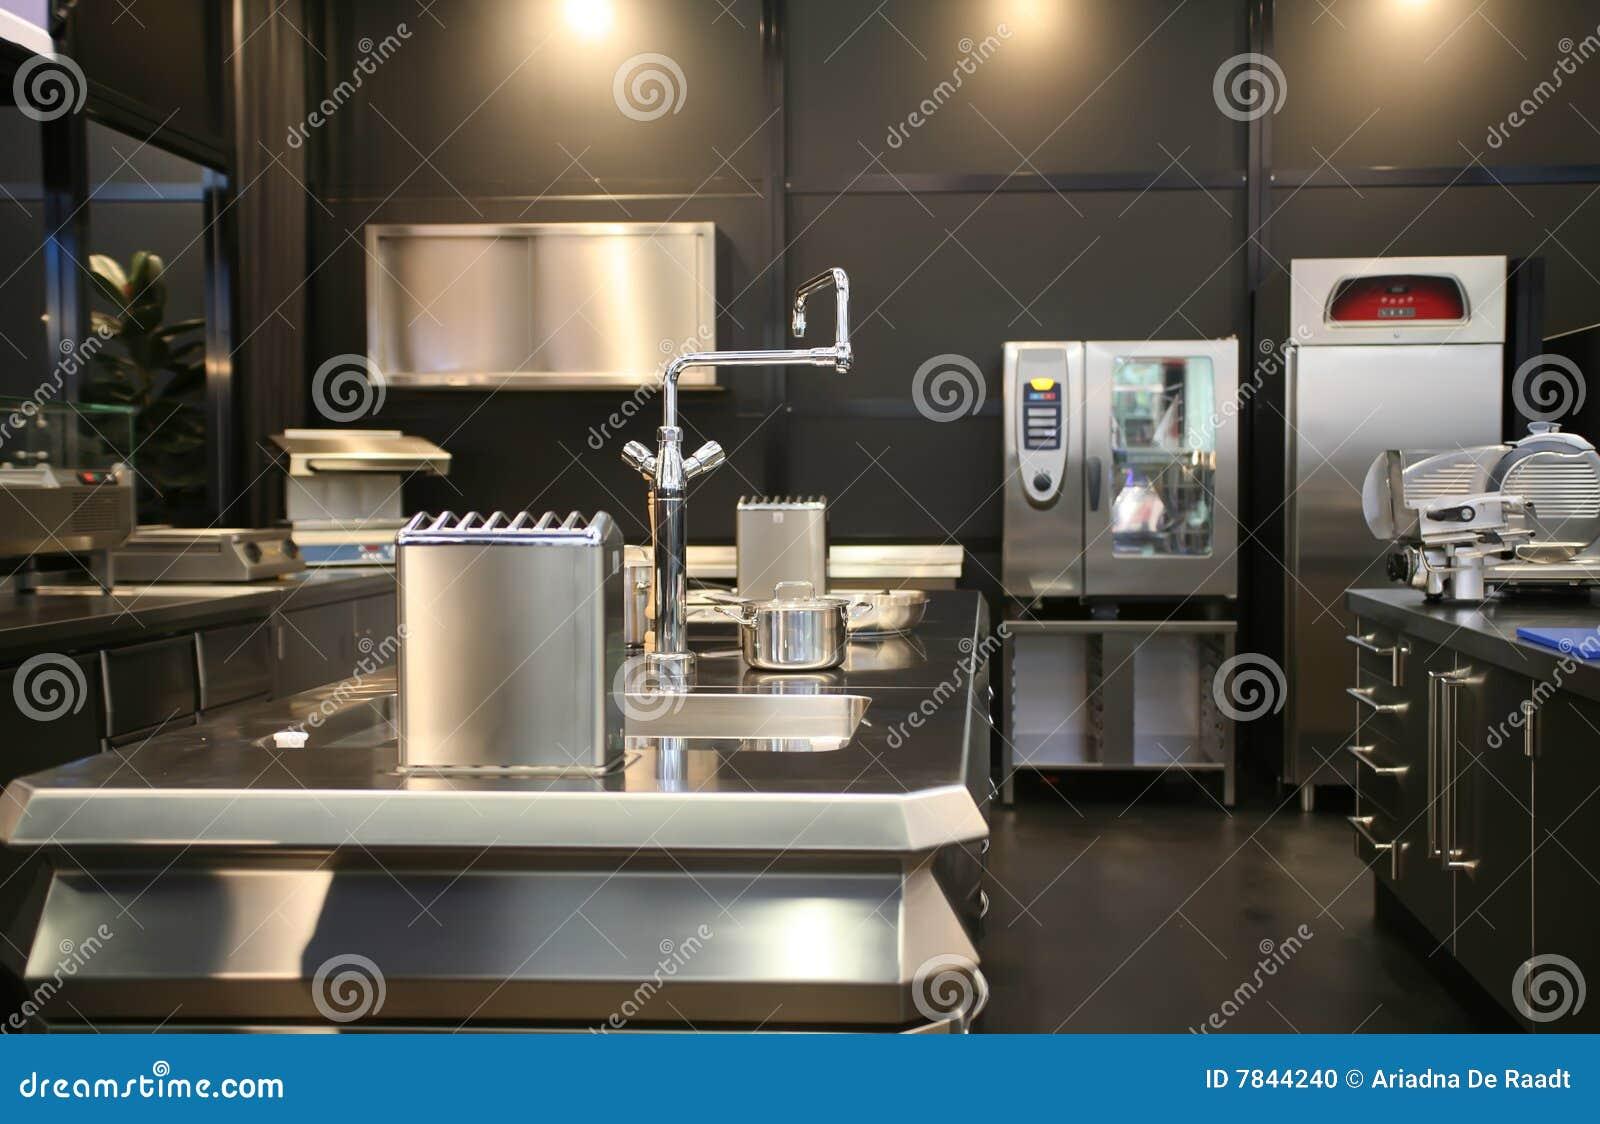 Industriele Keuken Industrial : Nieuwe industriële keuken stock foto. afbeelding bestaande uit